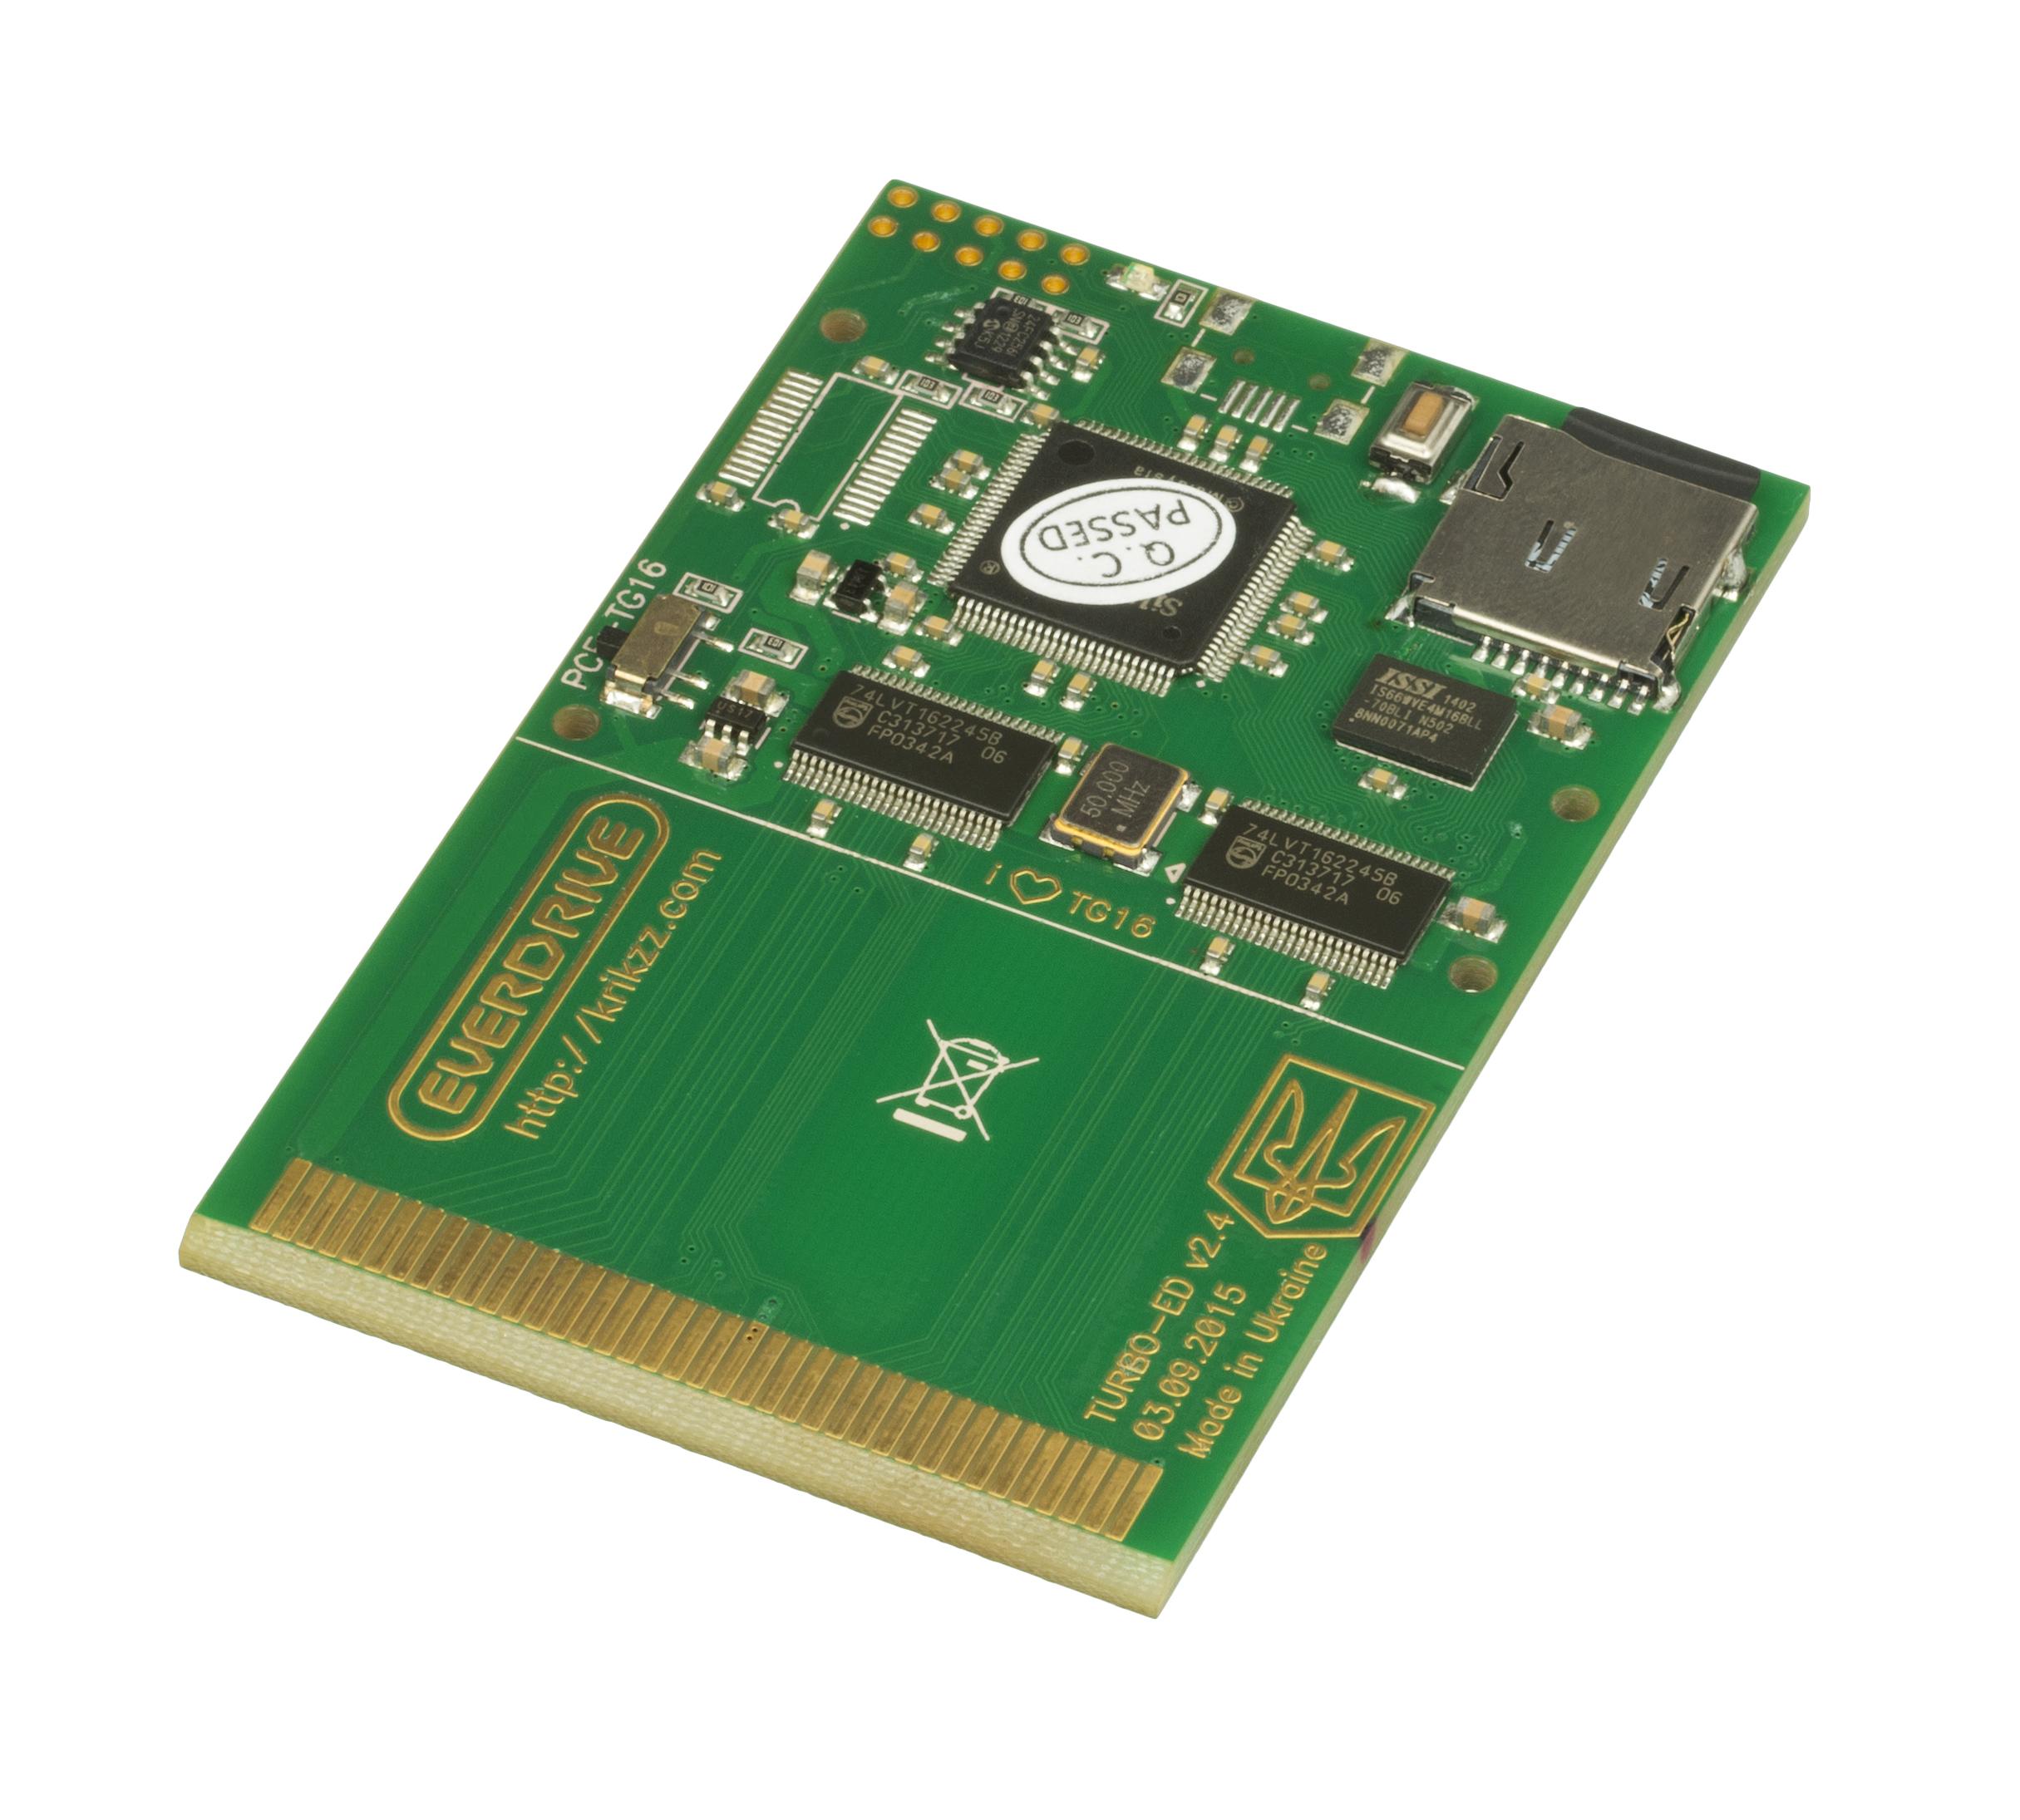 Flash cartridge - Wikipedia